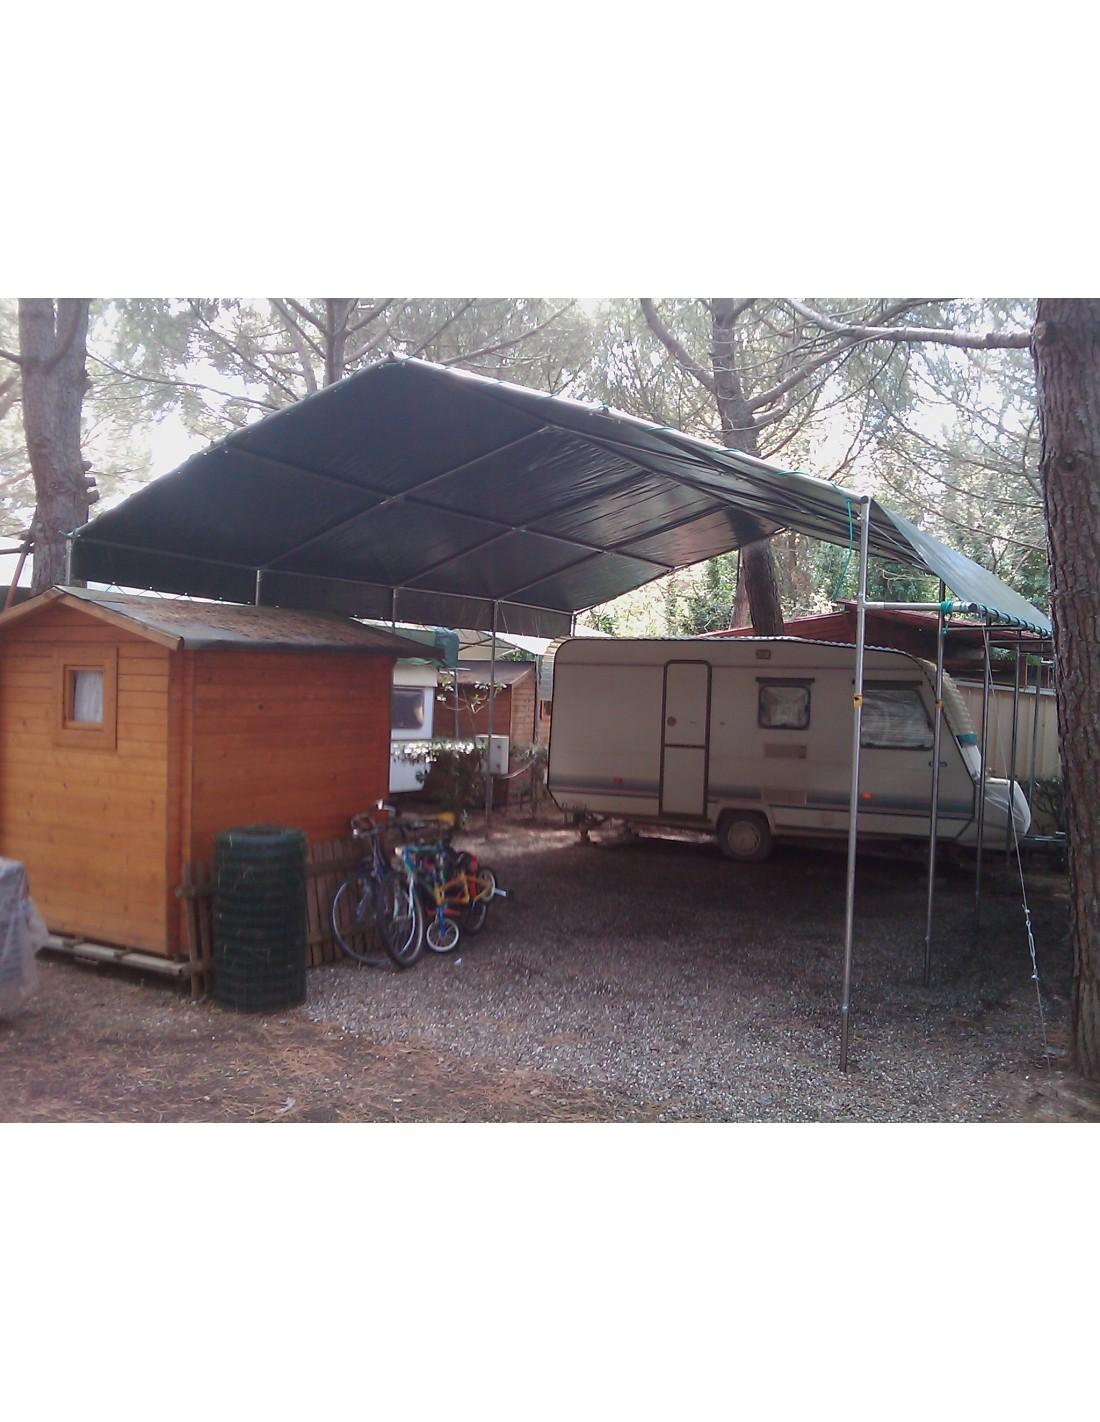 Telo pvc copertura campeggio 600gr standard 2x2 3x3 for Teli per laghetti pvc